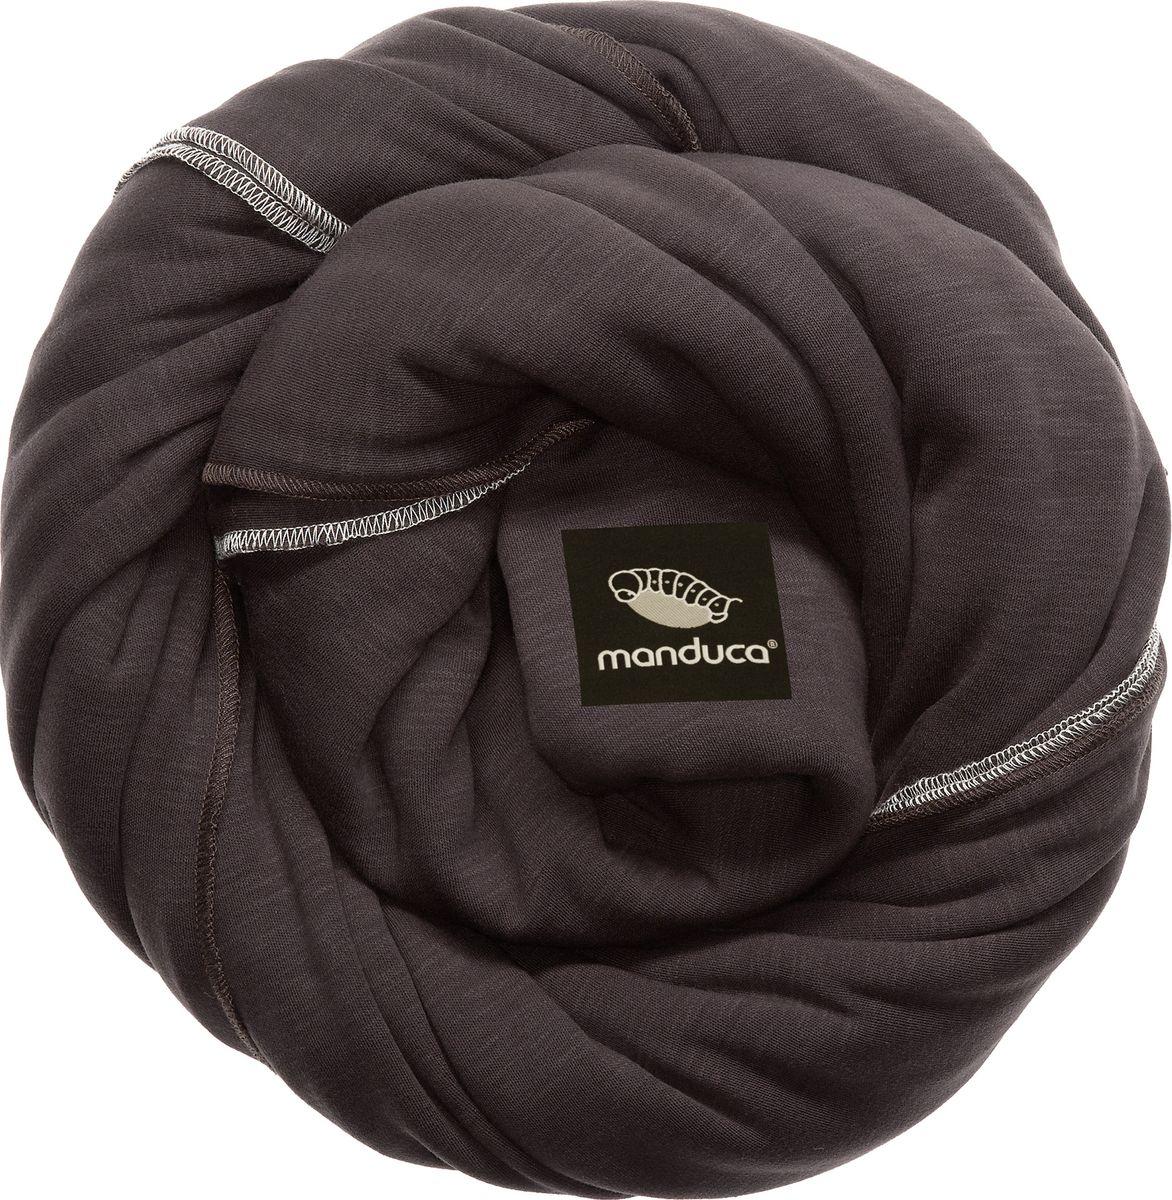 Manduca Слинг-шарф цвет коричневый manduca слинг рюкзак purecotton цвет красный